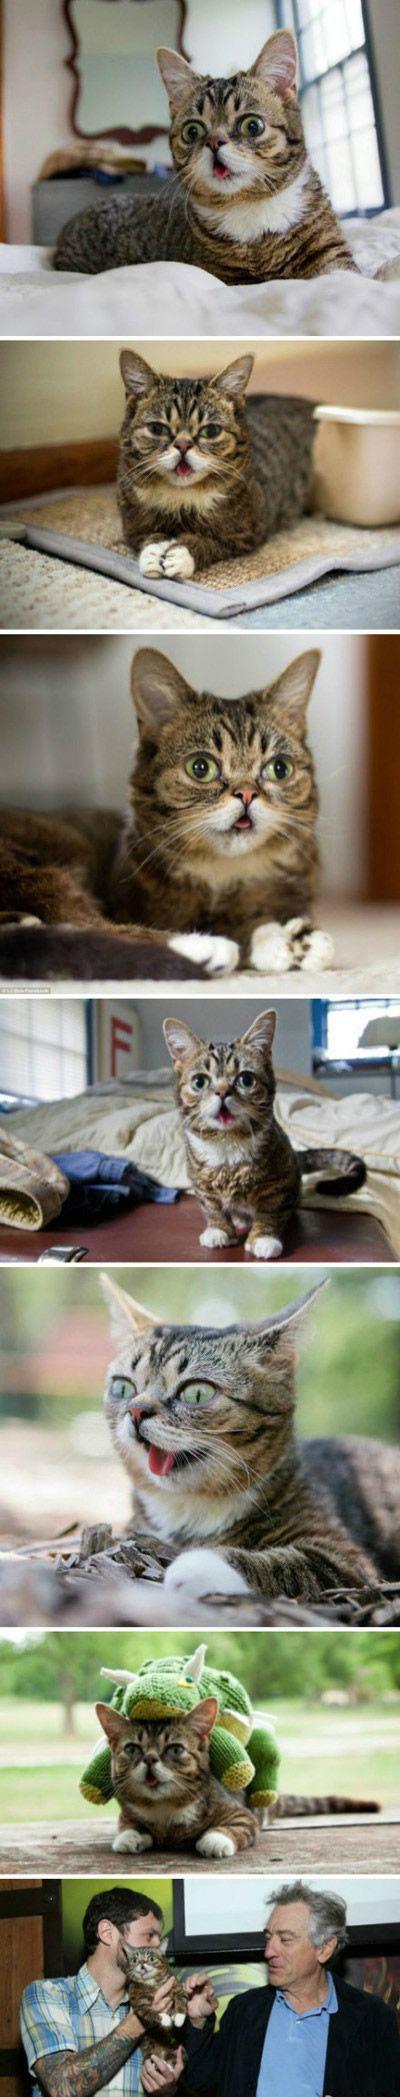 吐舌头的猫咪